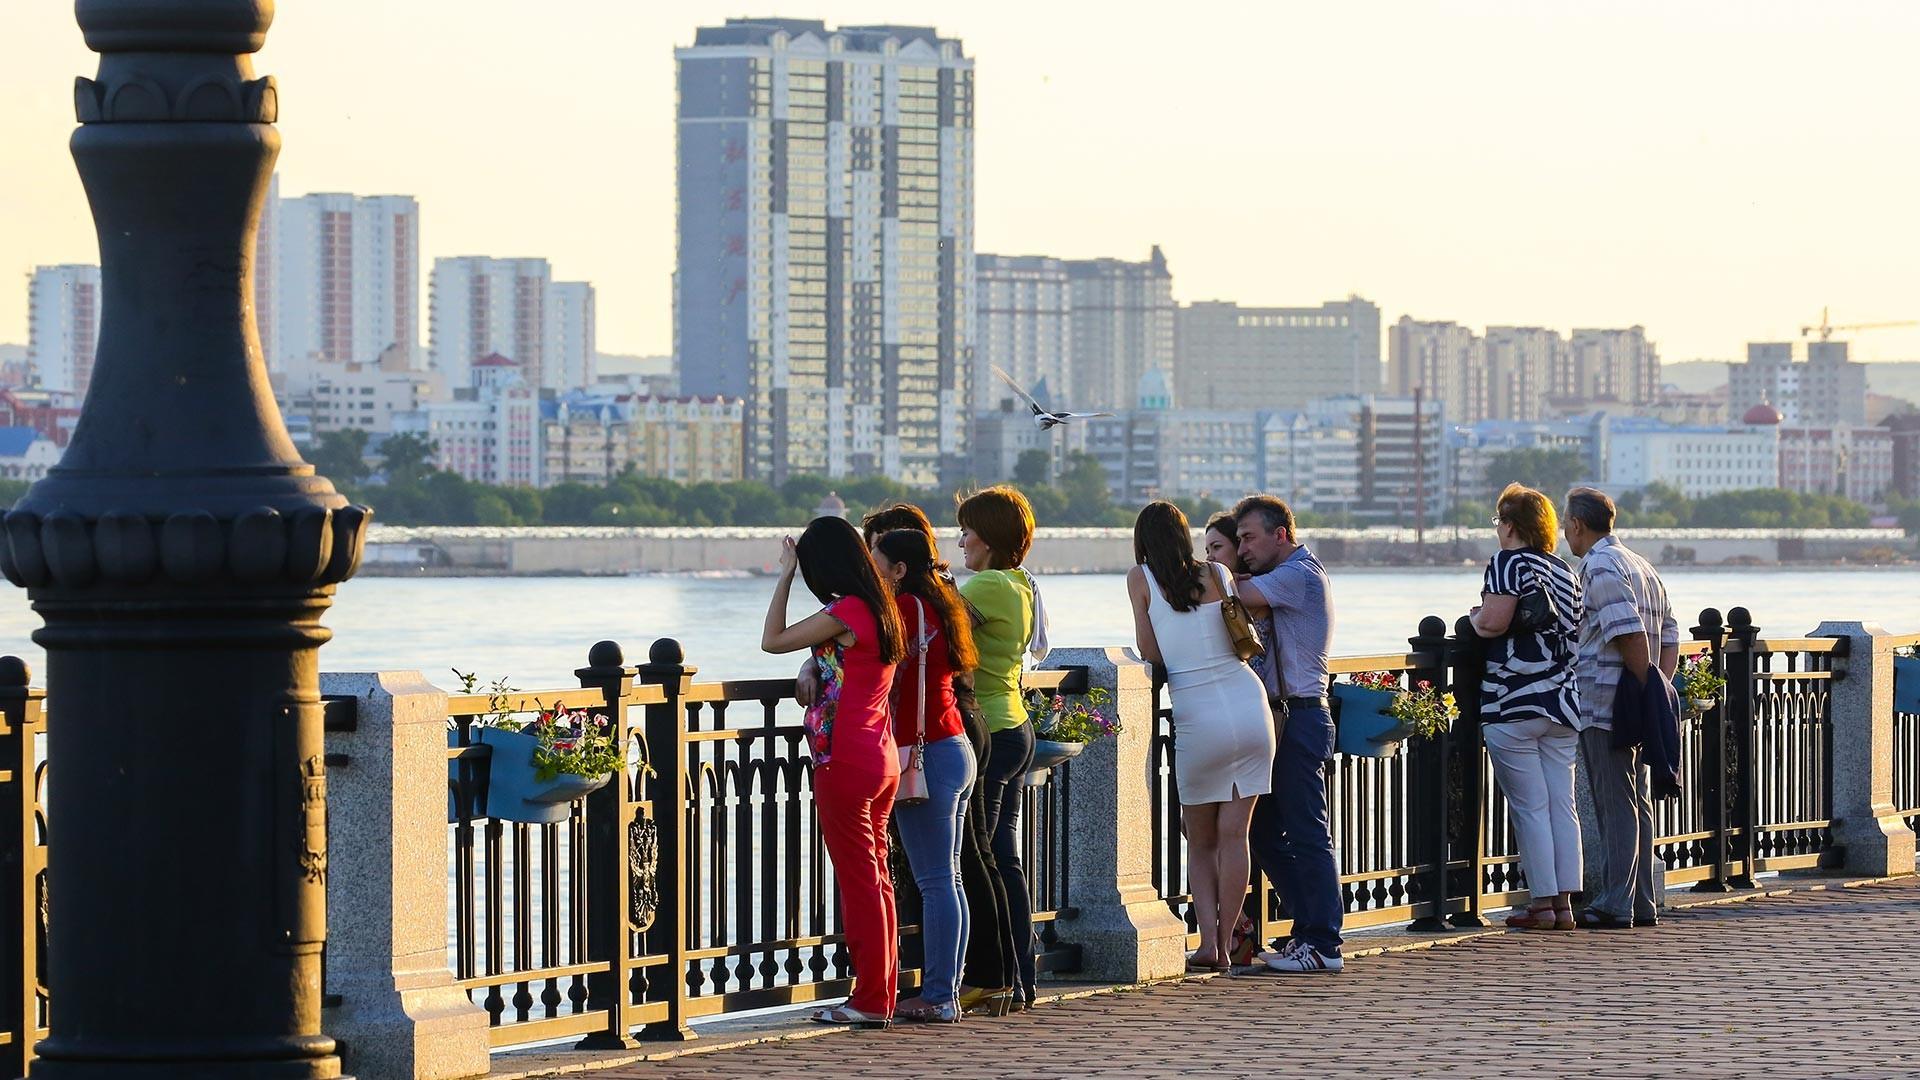 ブラゴヴェシチェンスクから広がる黒河市の光景